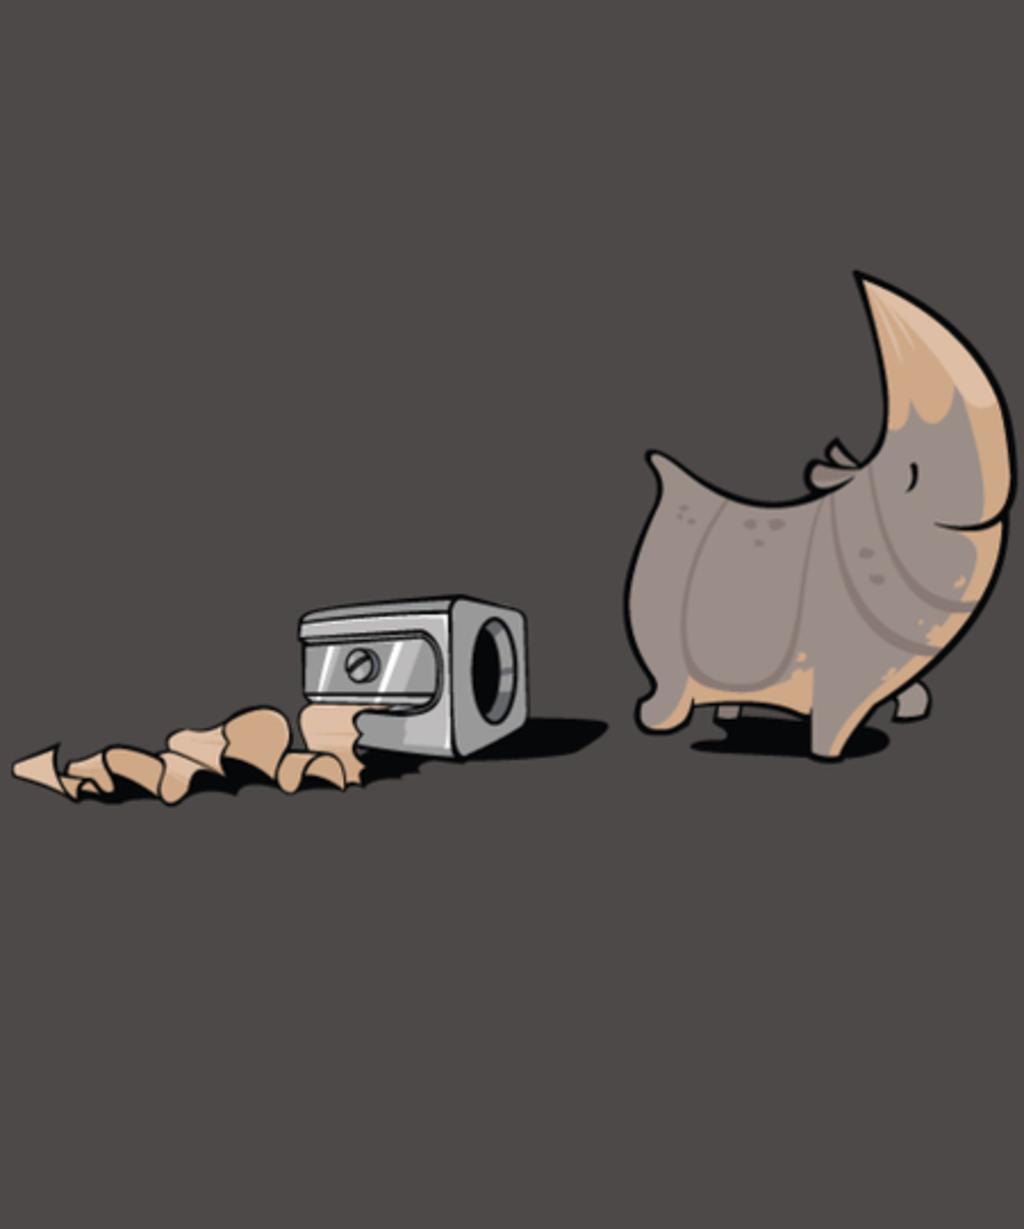 Qwertee: Rhino